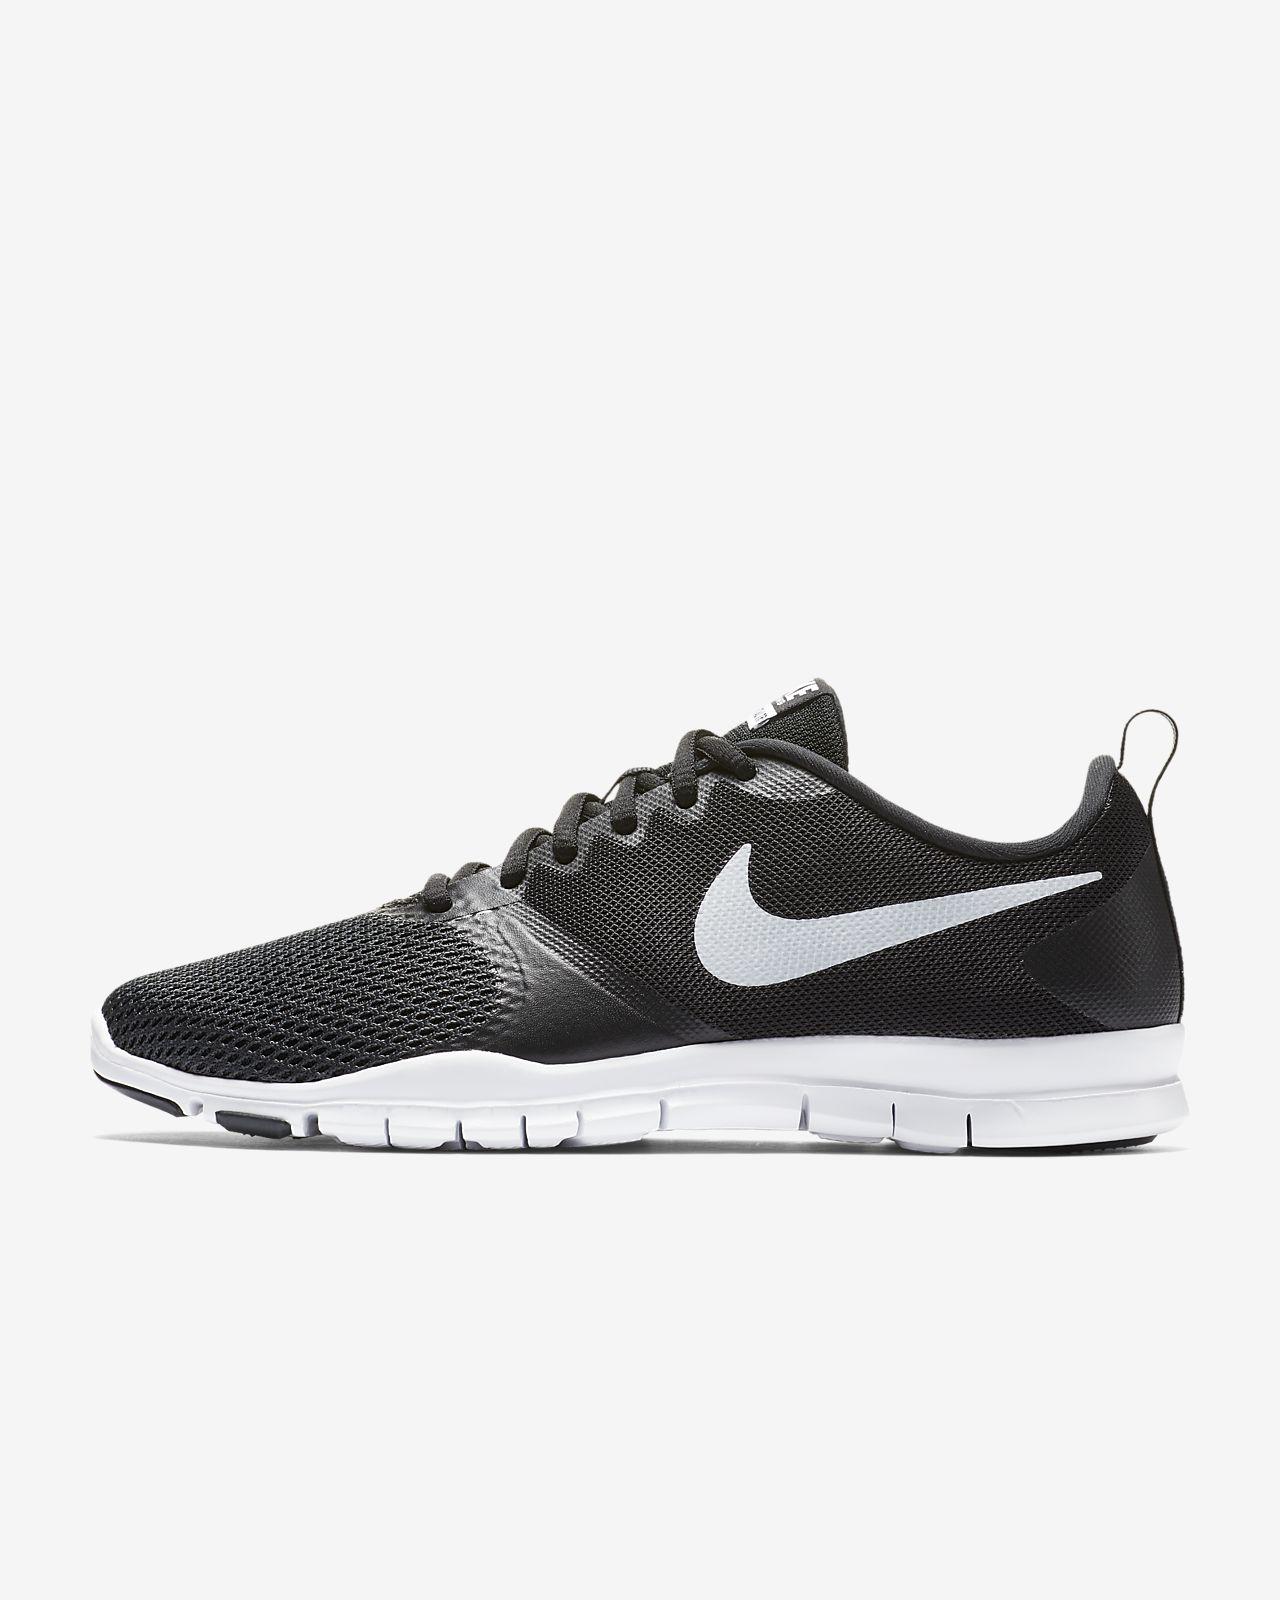 Γυναικείο παπούτσι γυμναστηρίου/άσκησης/μαθημάτων fitness Nike Flex Essential TR